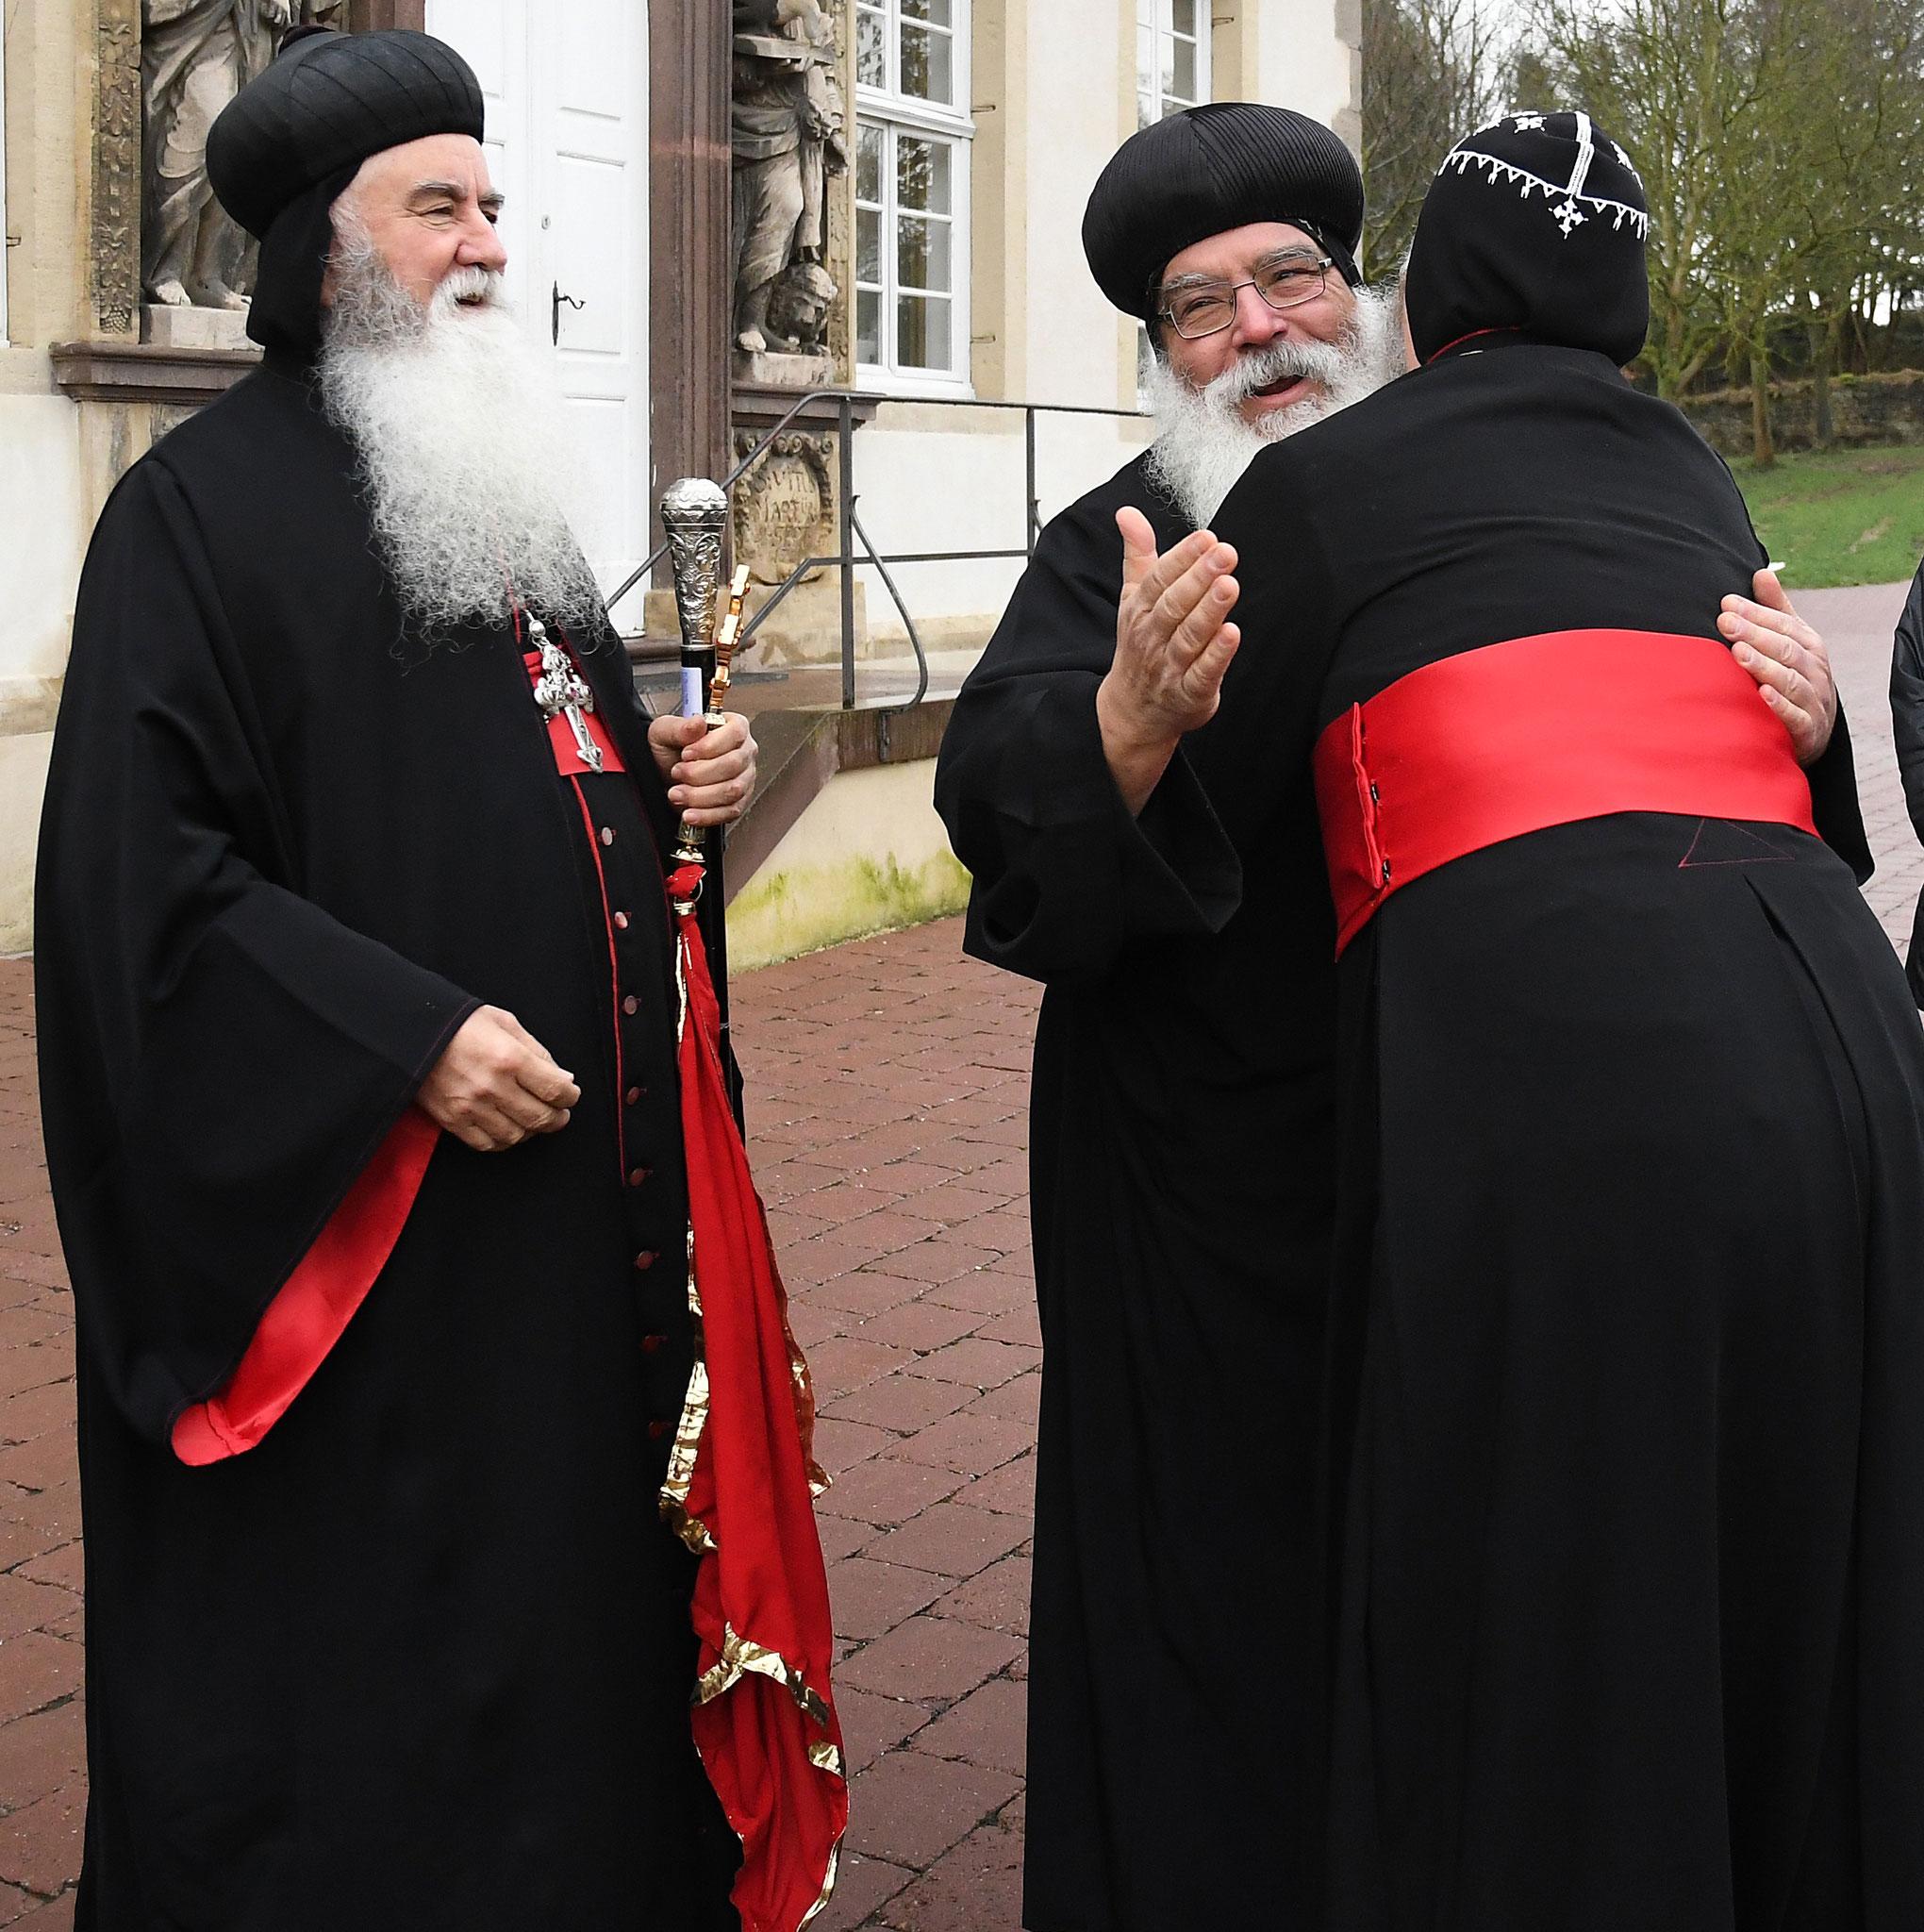 S.E. Bischof Mor Philoxenos Matthias Nayis (syrisch-orthodoxe Kirche) und S.E. Bischof Anba Damian begrüßen sich. Foto: Maria Hopp